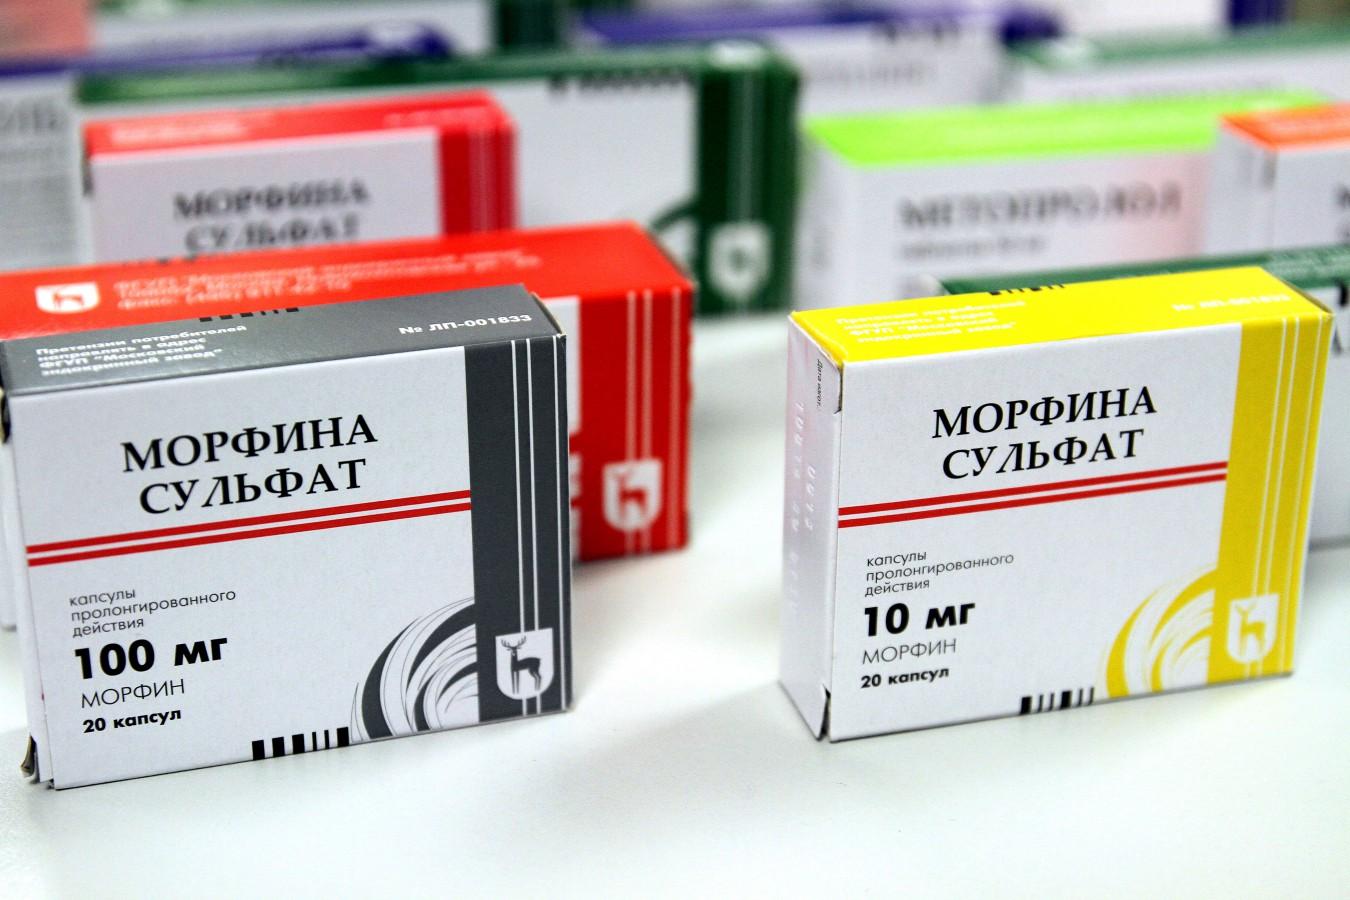 Морфий: что за наркотик, применение и действие | maavar наркологическая клиника